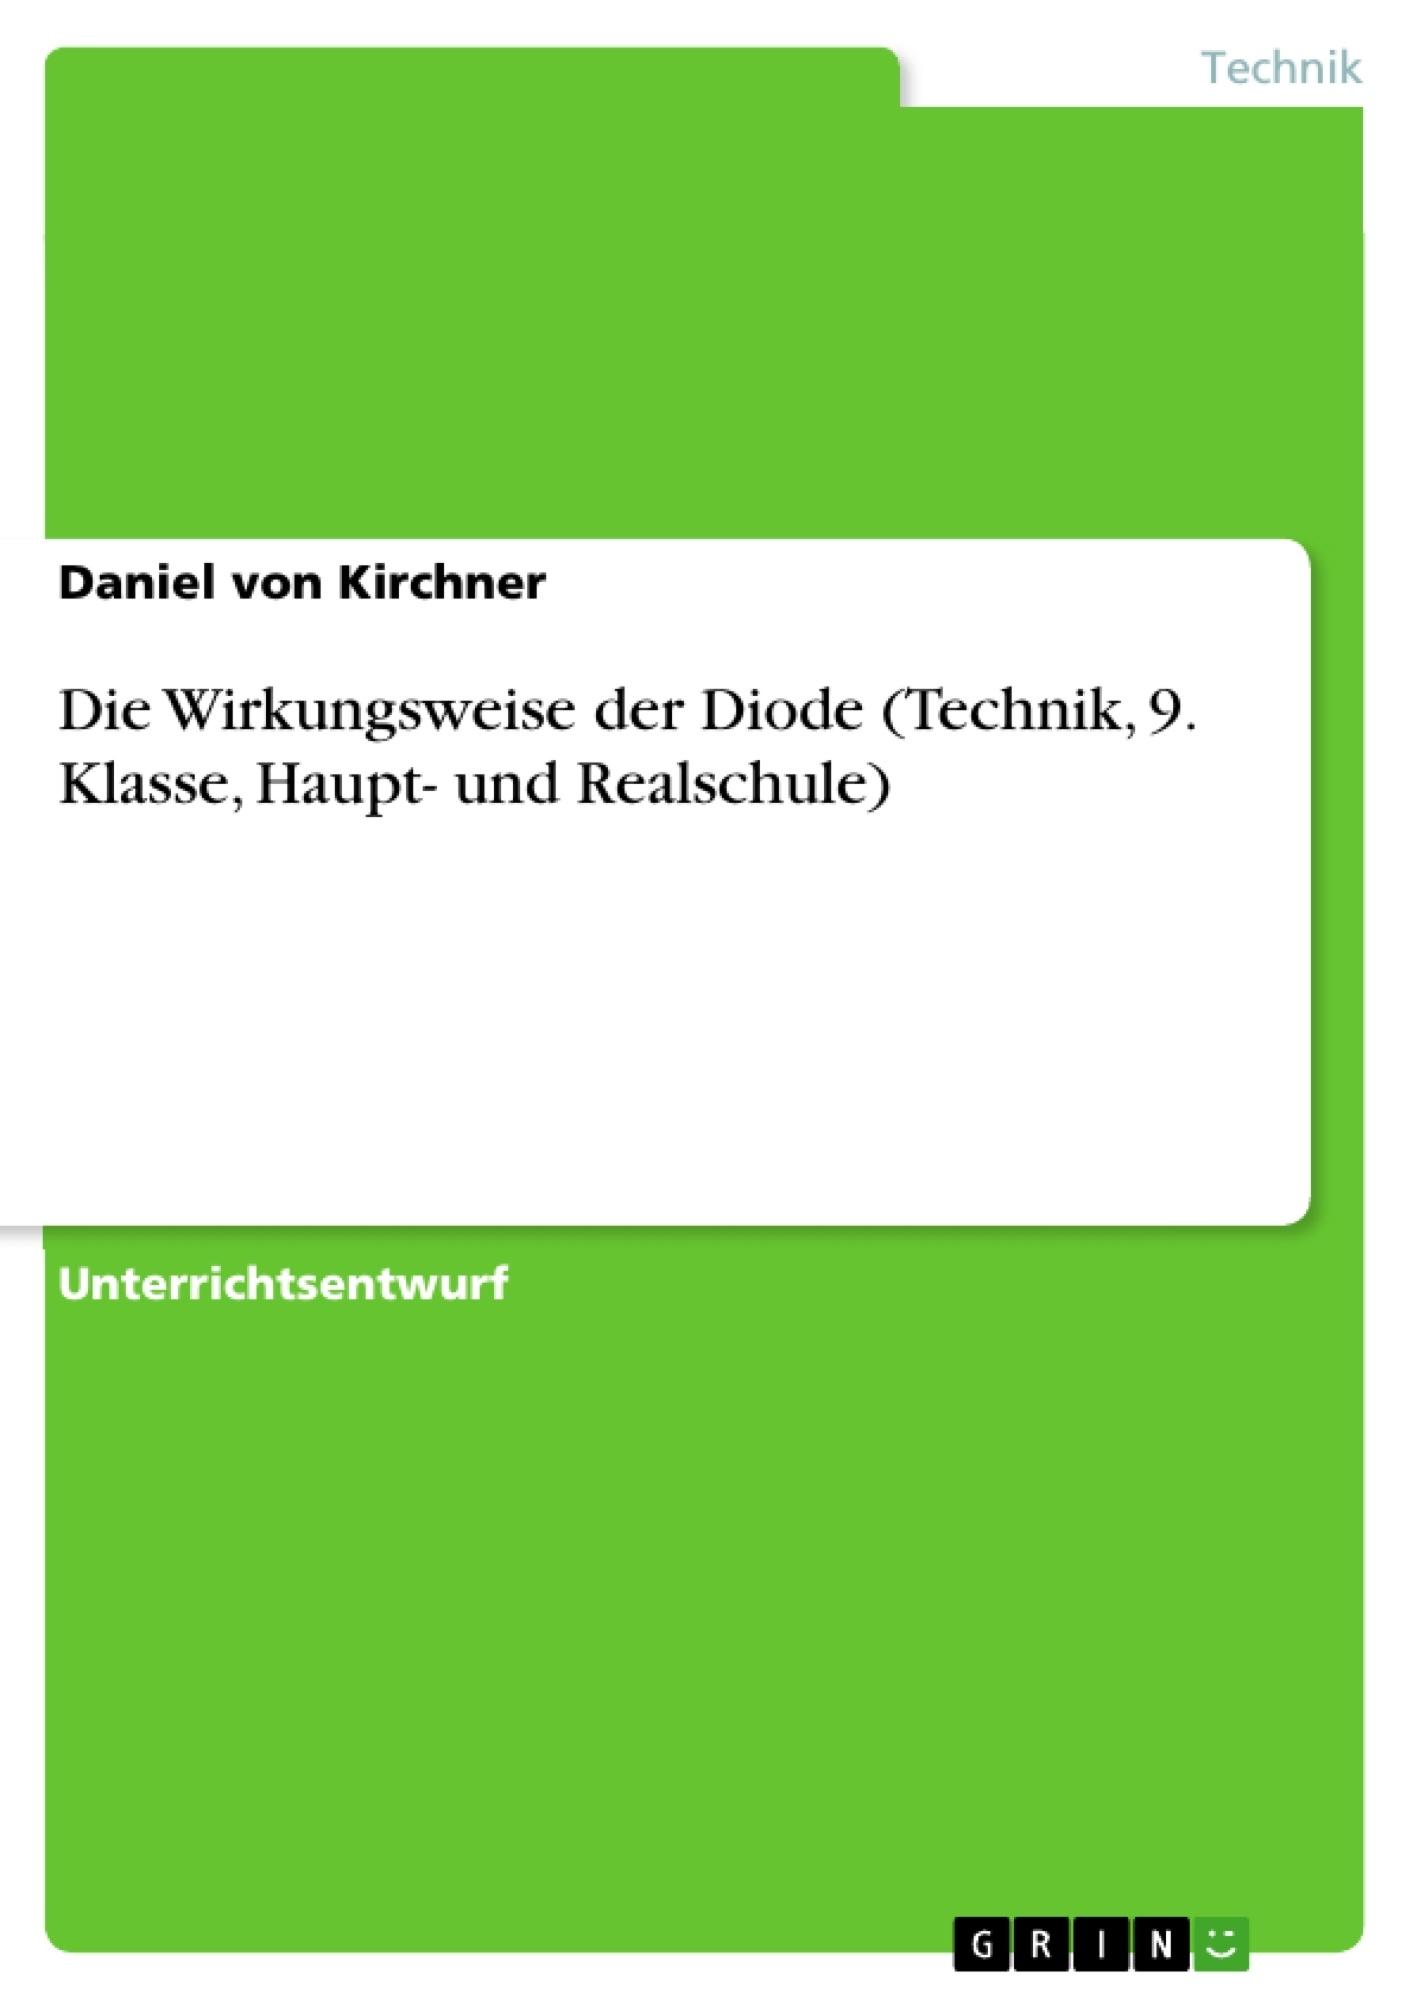 Titel: Die Wirkungsweise der Diode (Technik, 9. Klasse, Haupt- und Realschule)